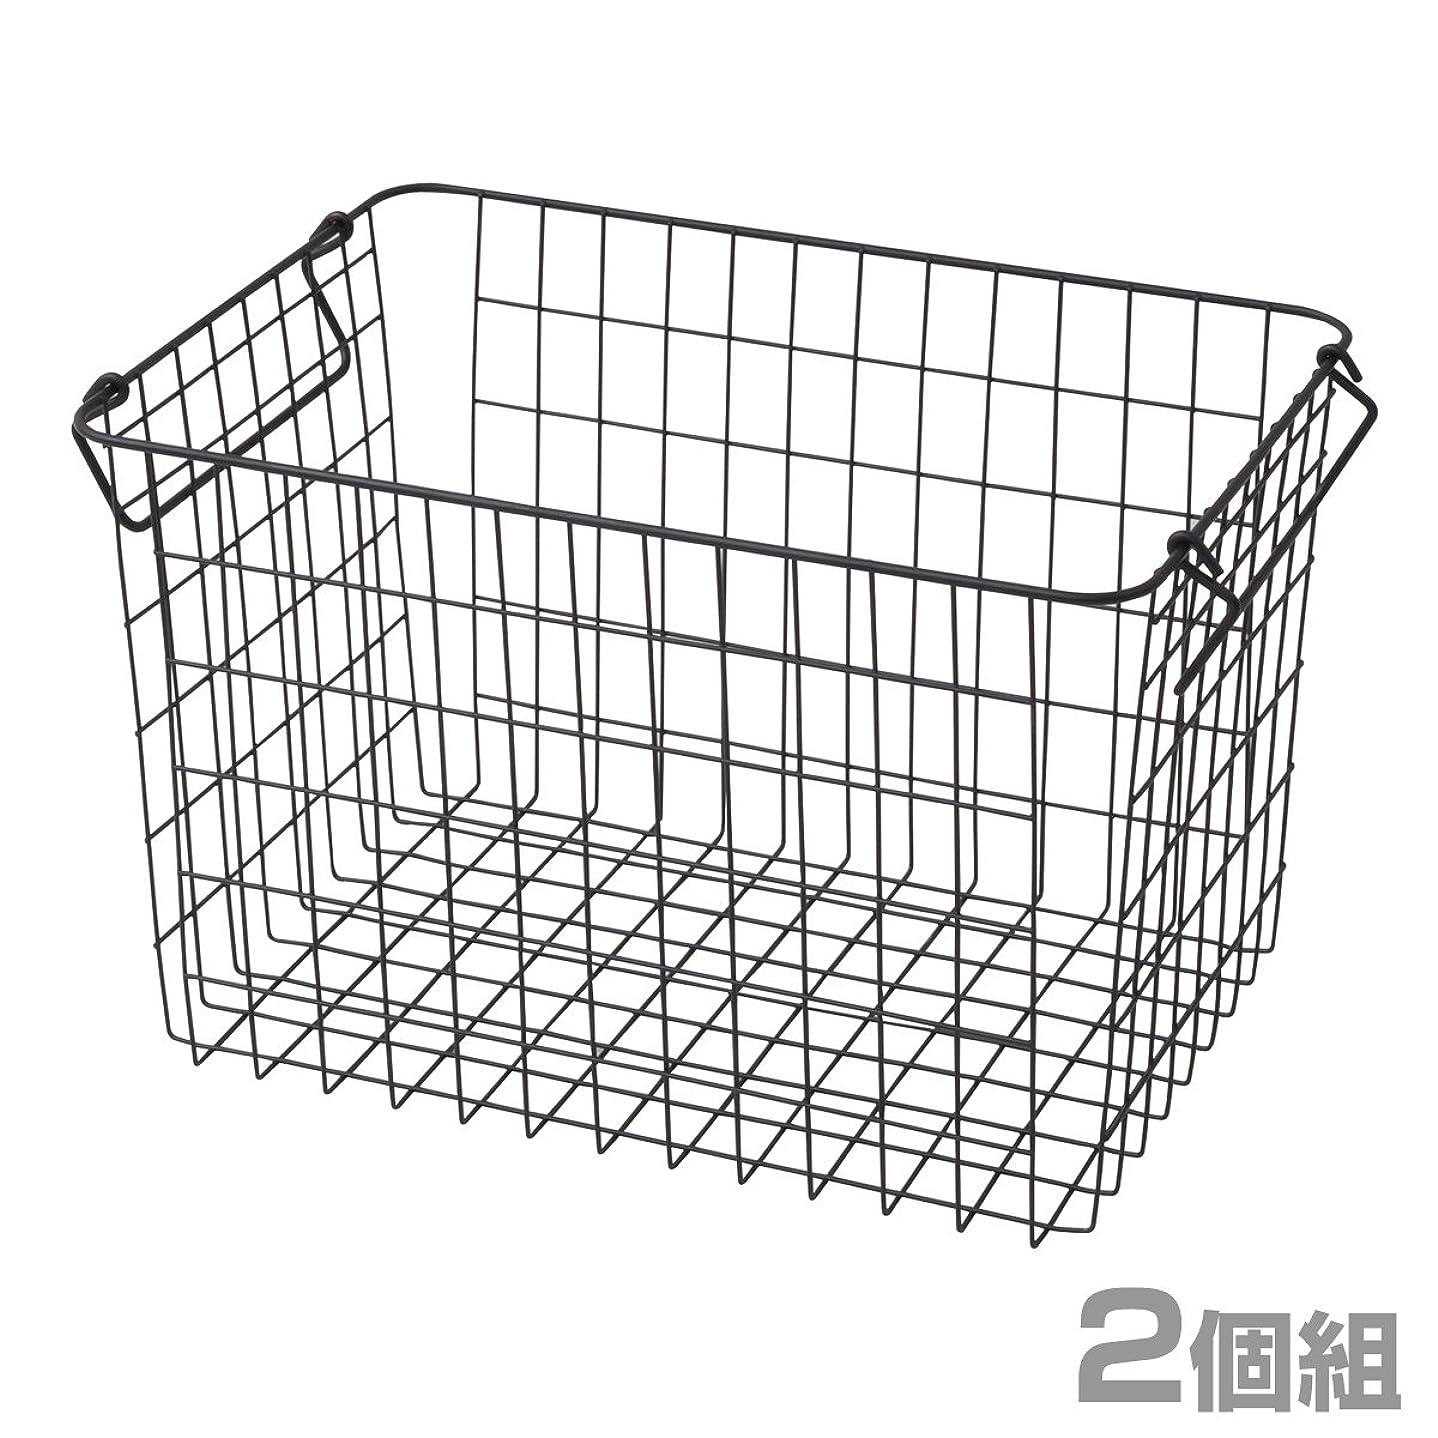 謙虚な繁殖ニュース山善(YAMAZEN) ワイヤーバスケット ふつうタイプ(幅37 高さ24cm) 2個組 ブラック RWB-322(BK)*2